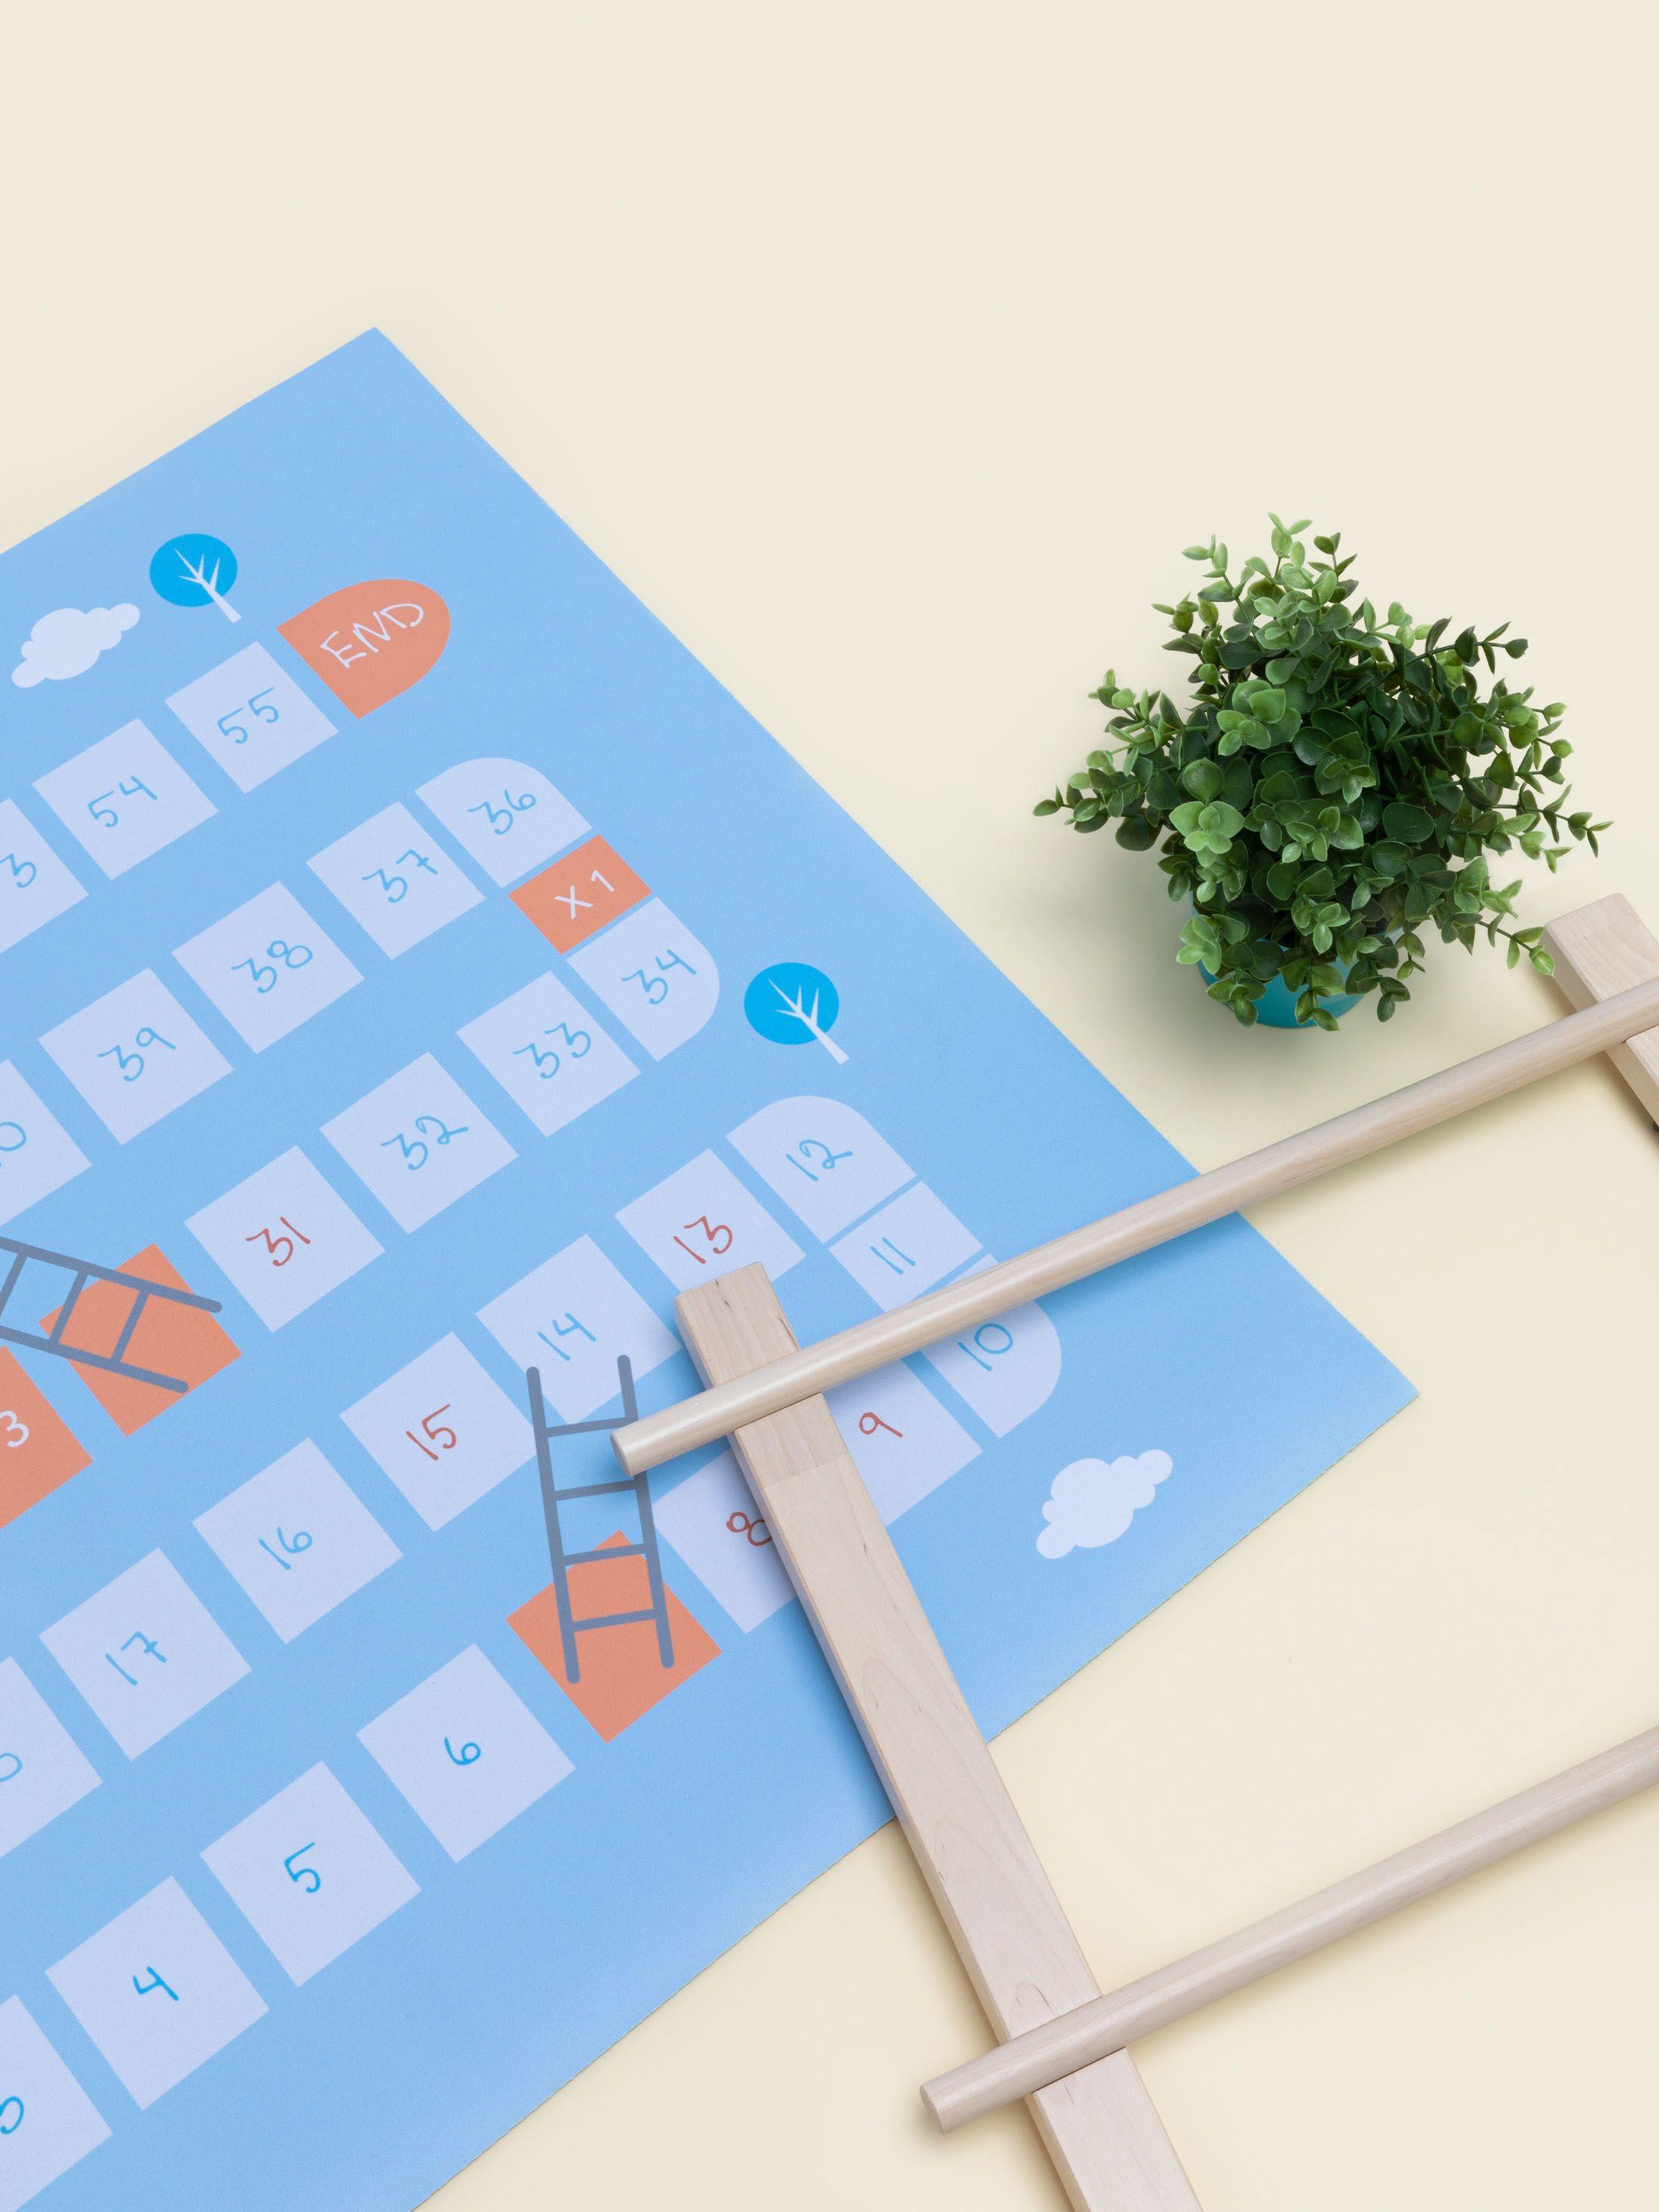 Impression sur tapis de jeu avec carte du monde